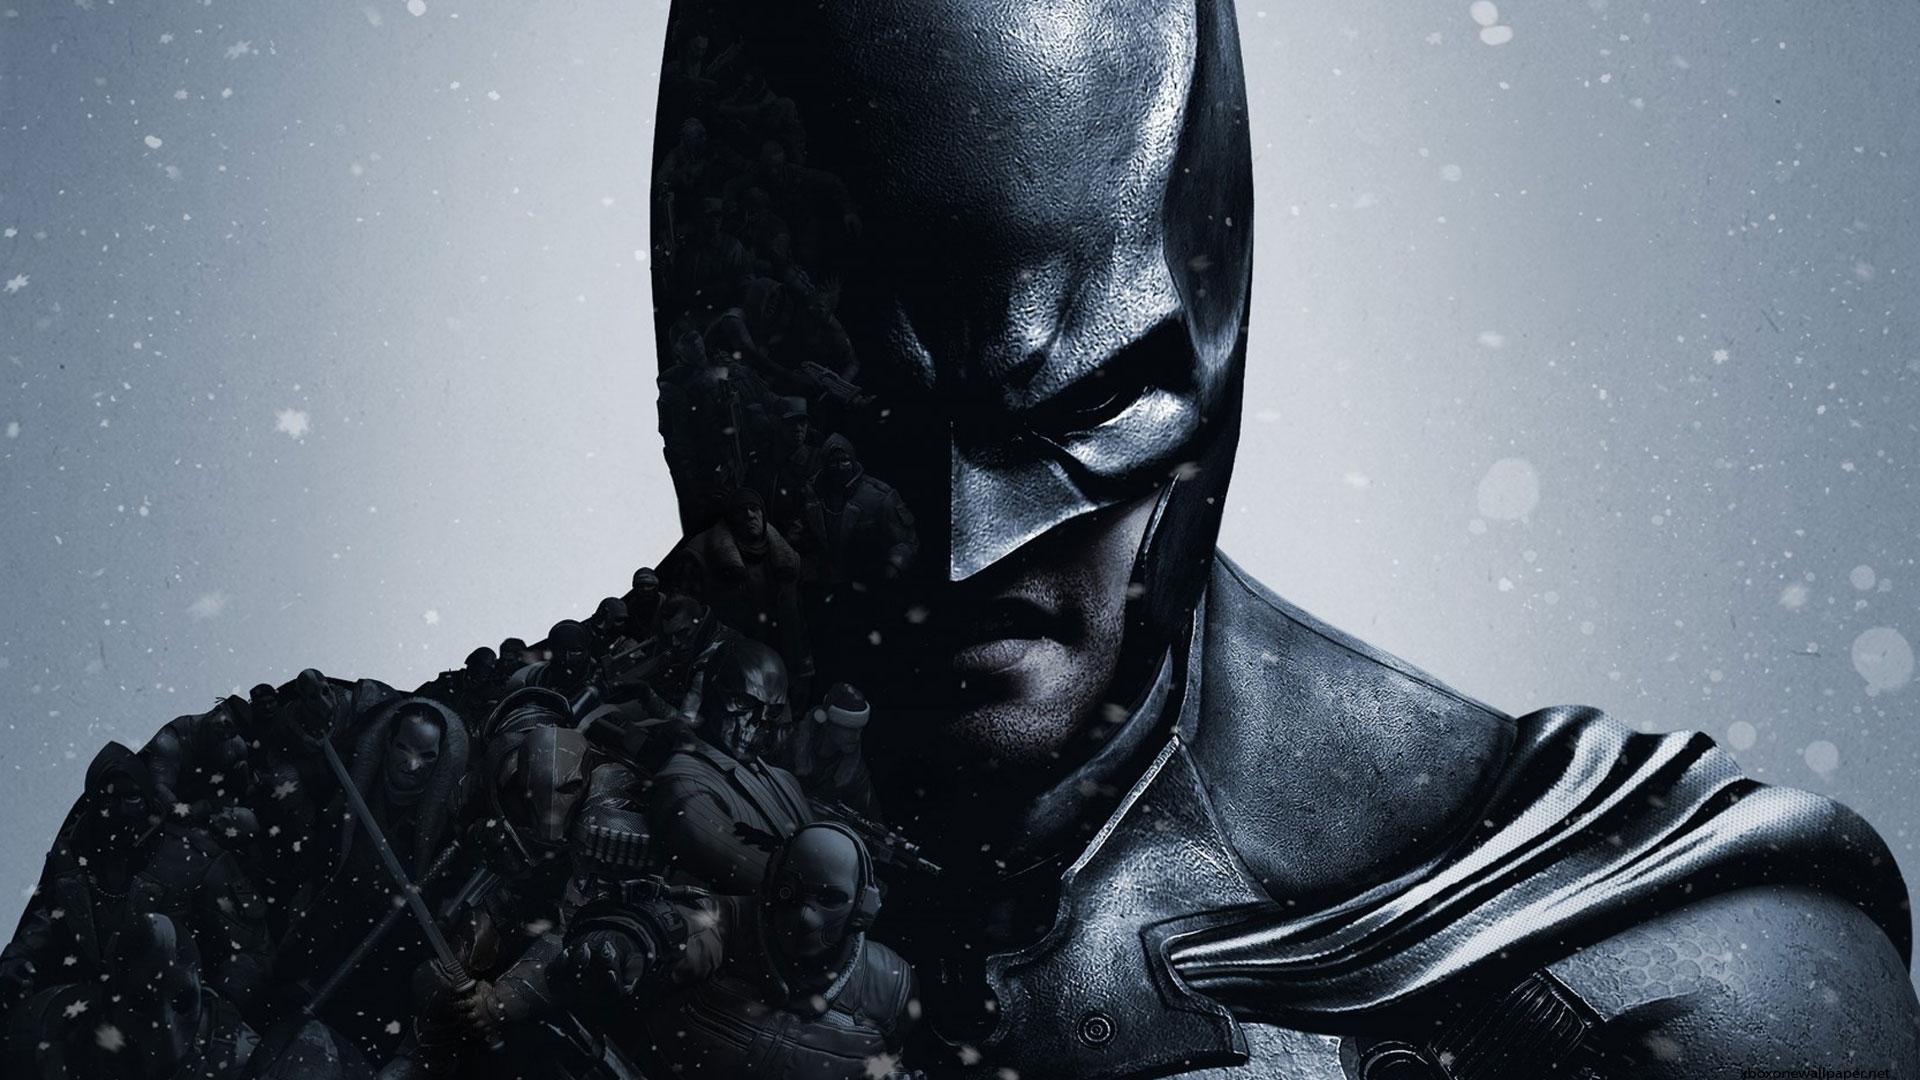 1080p batman wallpaper wallpapersafari